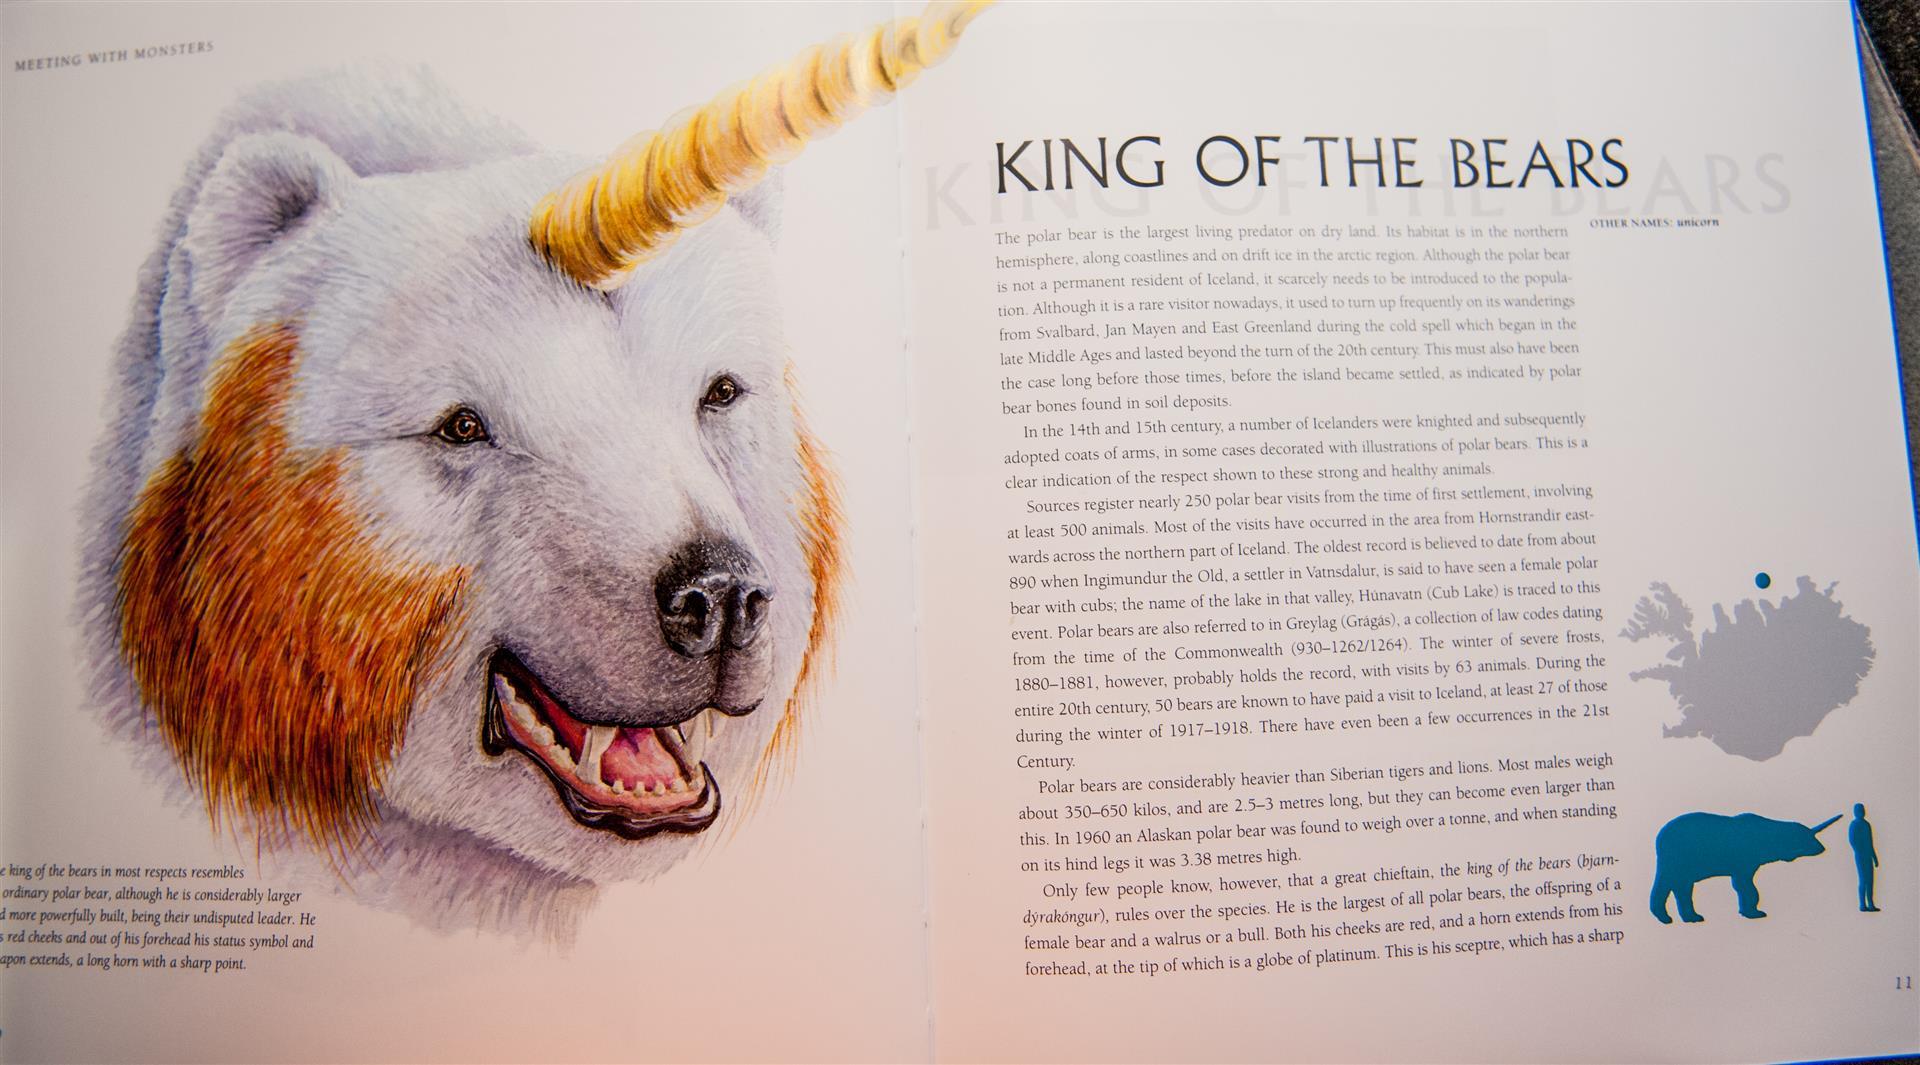 krol-niedzwiedzi-polarnych